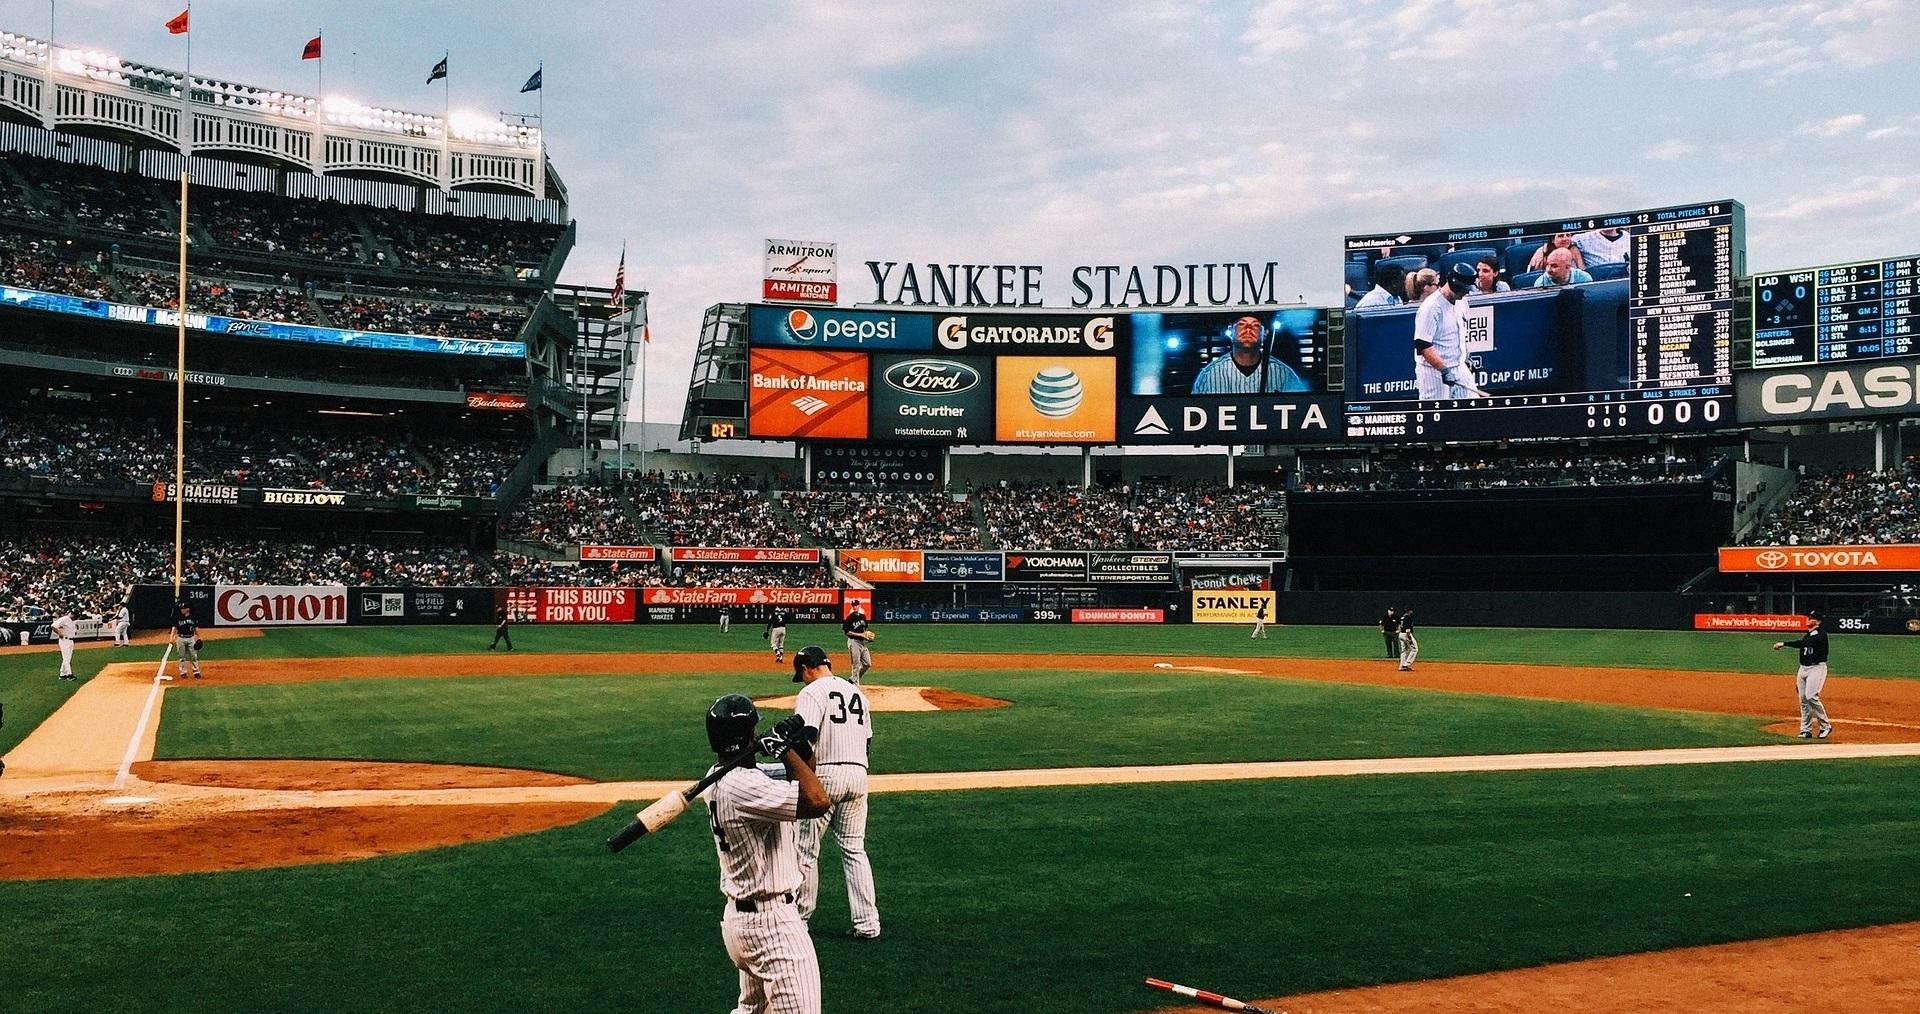 Sportevenemang  Flera lag i USA:s största sporter    New York tillhandahåller en uppsjö av attraktiva sporter och klubbar. Eller vad sägs som   New Jersey Devils  ,   New York Islanders   och Henrik Lundqvists   New York Rangers   i NHL. I NFL återfinns två klubbar i   New York Jets   och   New York Giants  . Det finns även två i MLB,   New York Mets   och   New York Yankees  .  Som om inte det vore nog är det även två klubbar i MLS där svenske Anton Tinnerholms   New York City FC   får tampas med rivalen   New York Red Bulls   och i NBA där   New York Knicks   och   Brooklyn Nets   återfinns.